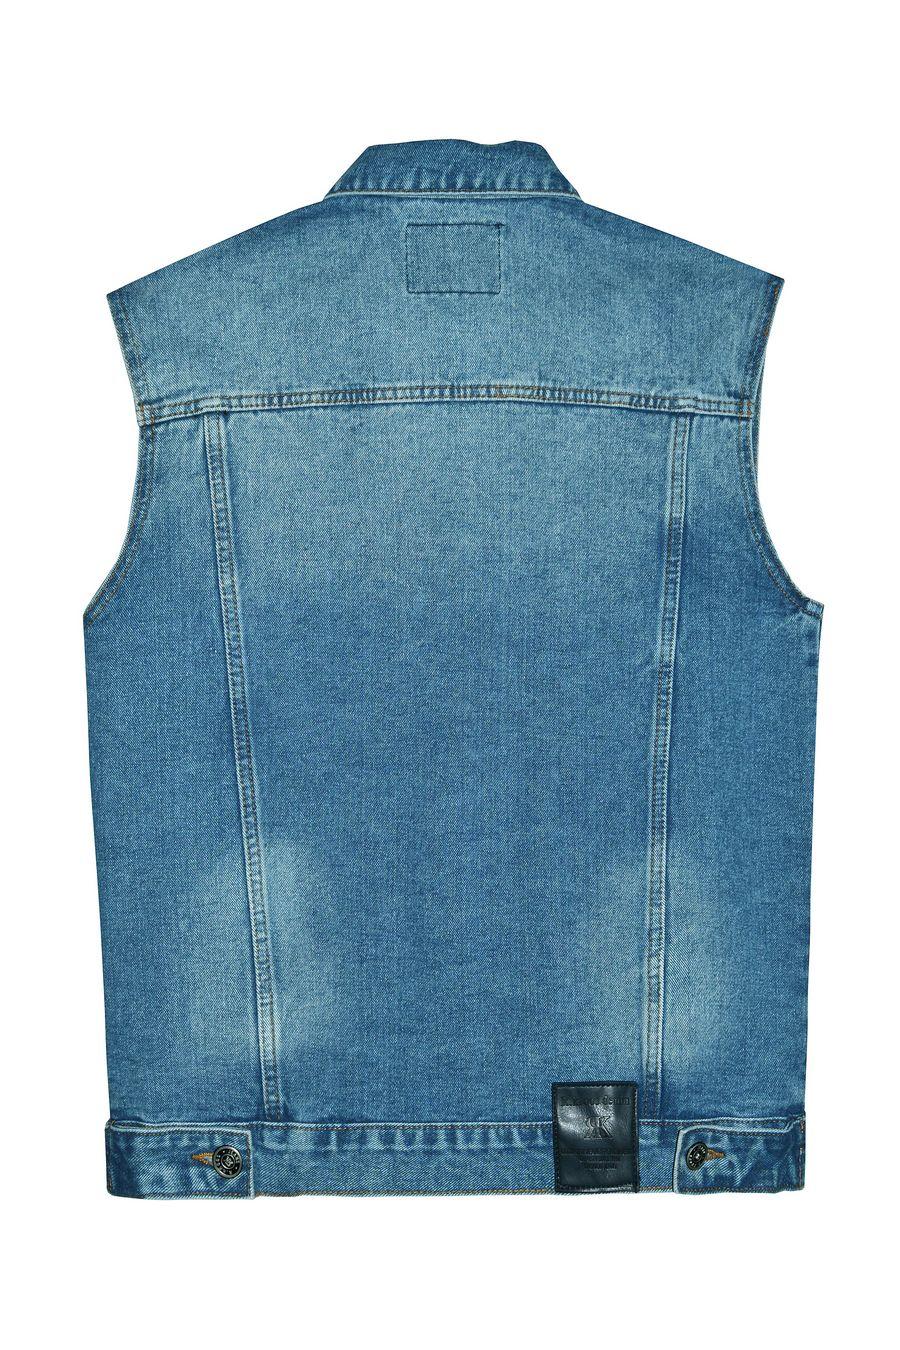 Жилет мужской (джинсовка) R.KROOS 1023 - фото 2